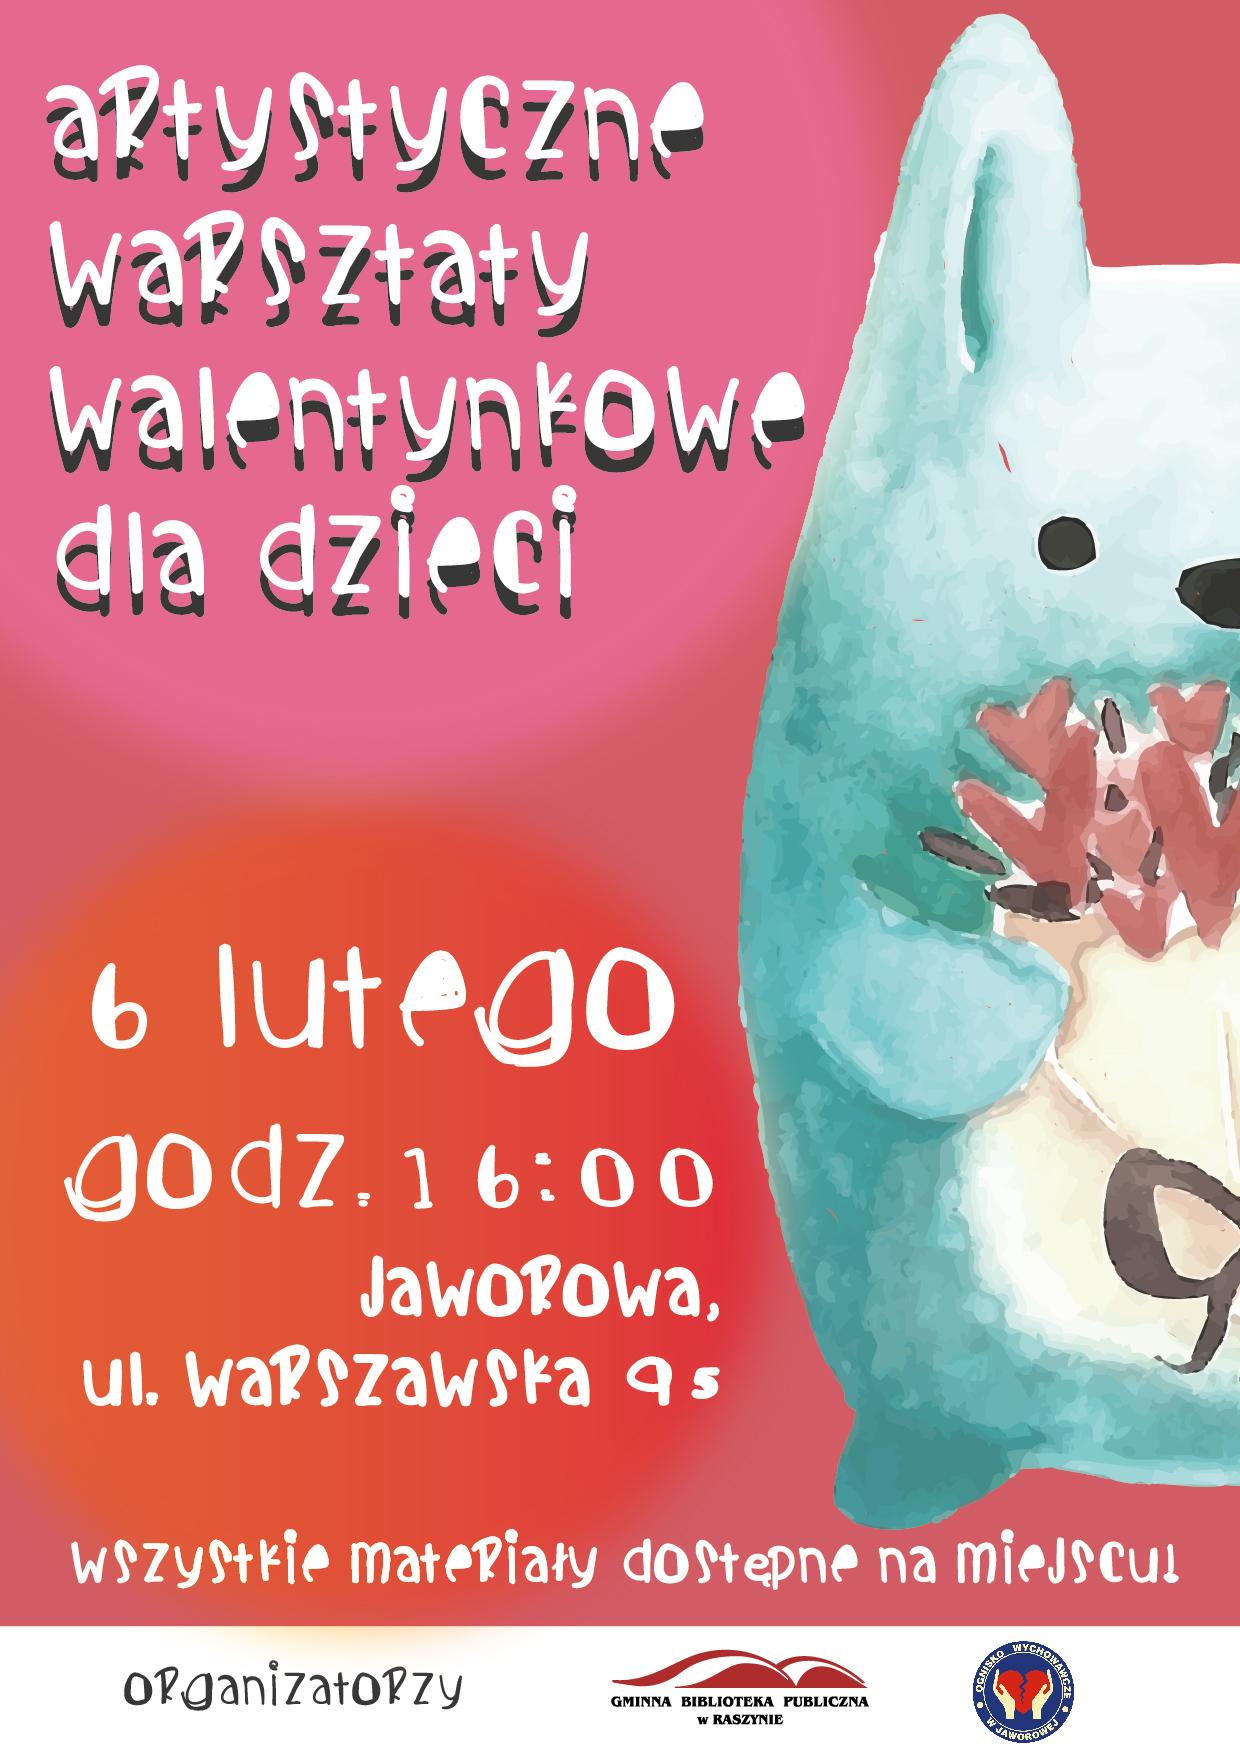 warsztaty walentynkowe-01